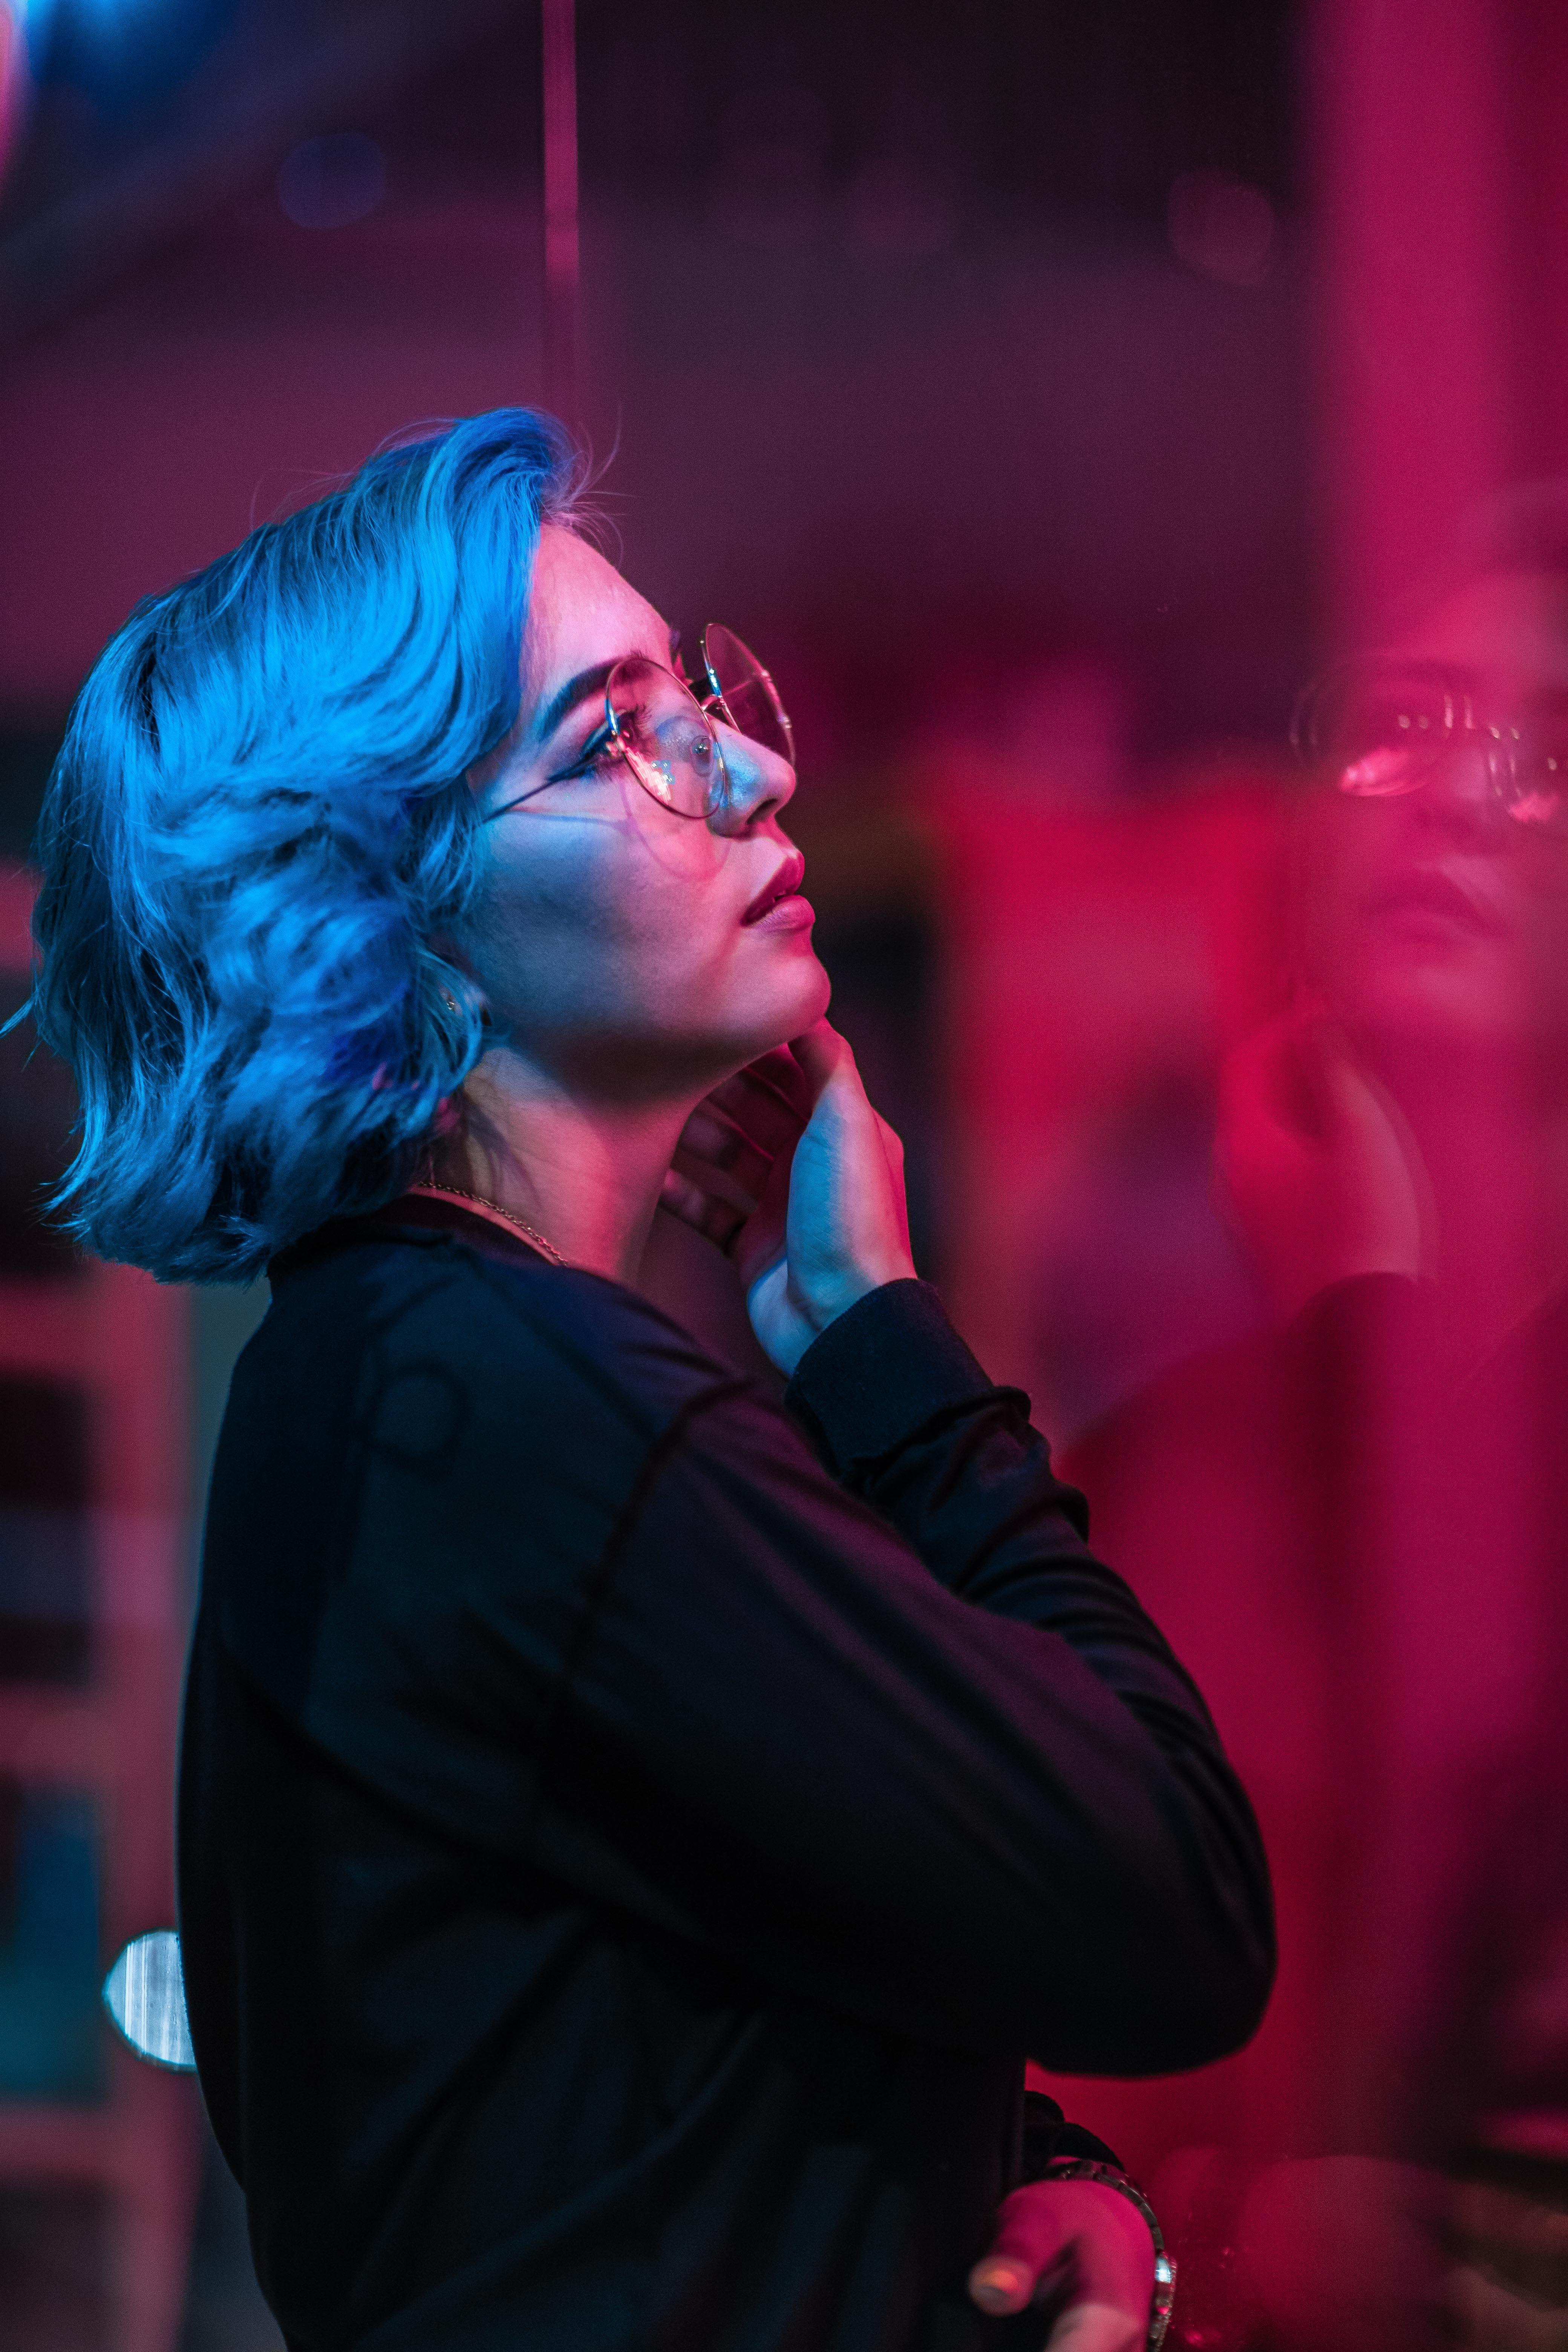 Woman In Black Long-sleeved Top Wearing Eyeglasses